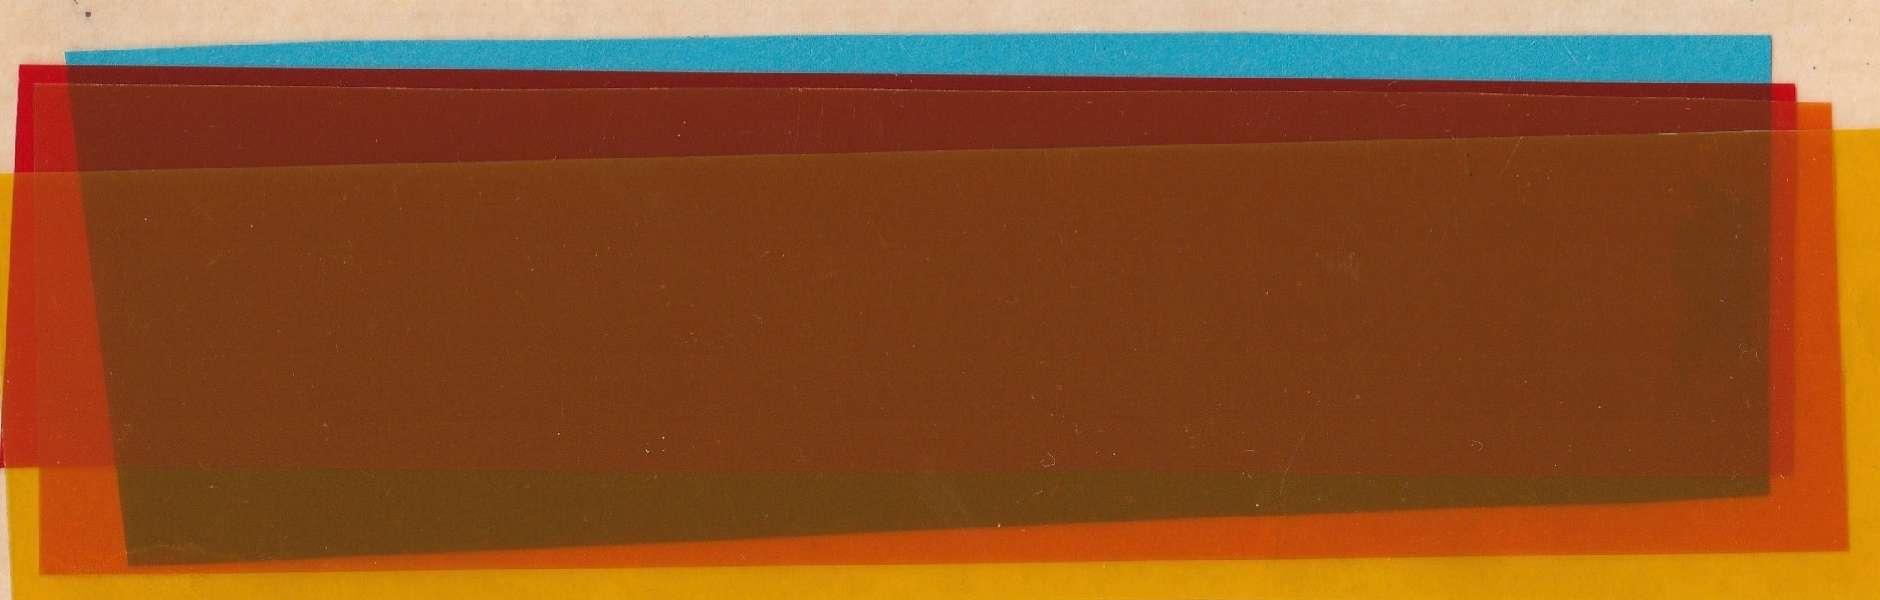 Colour Plates